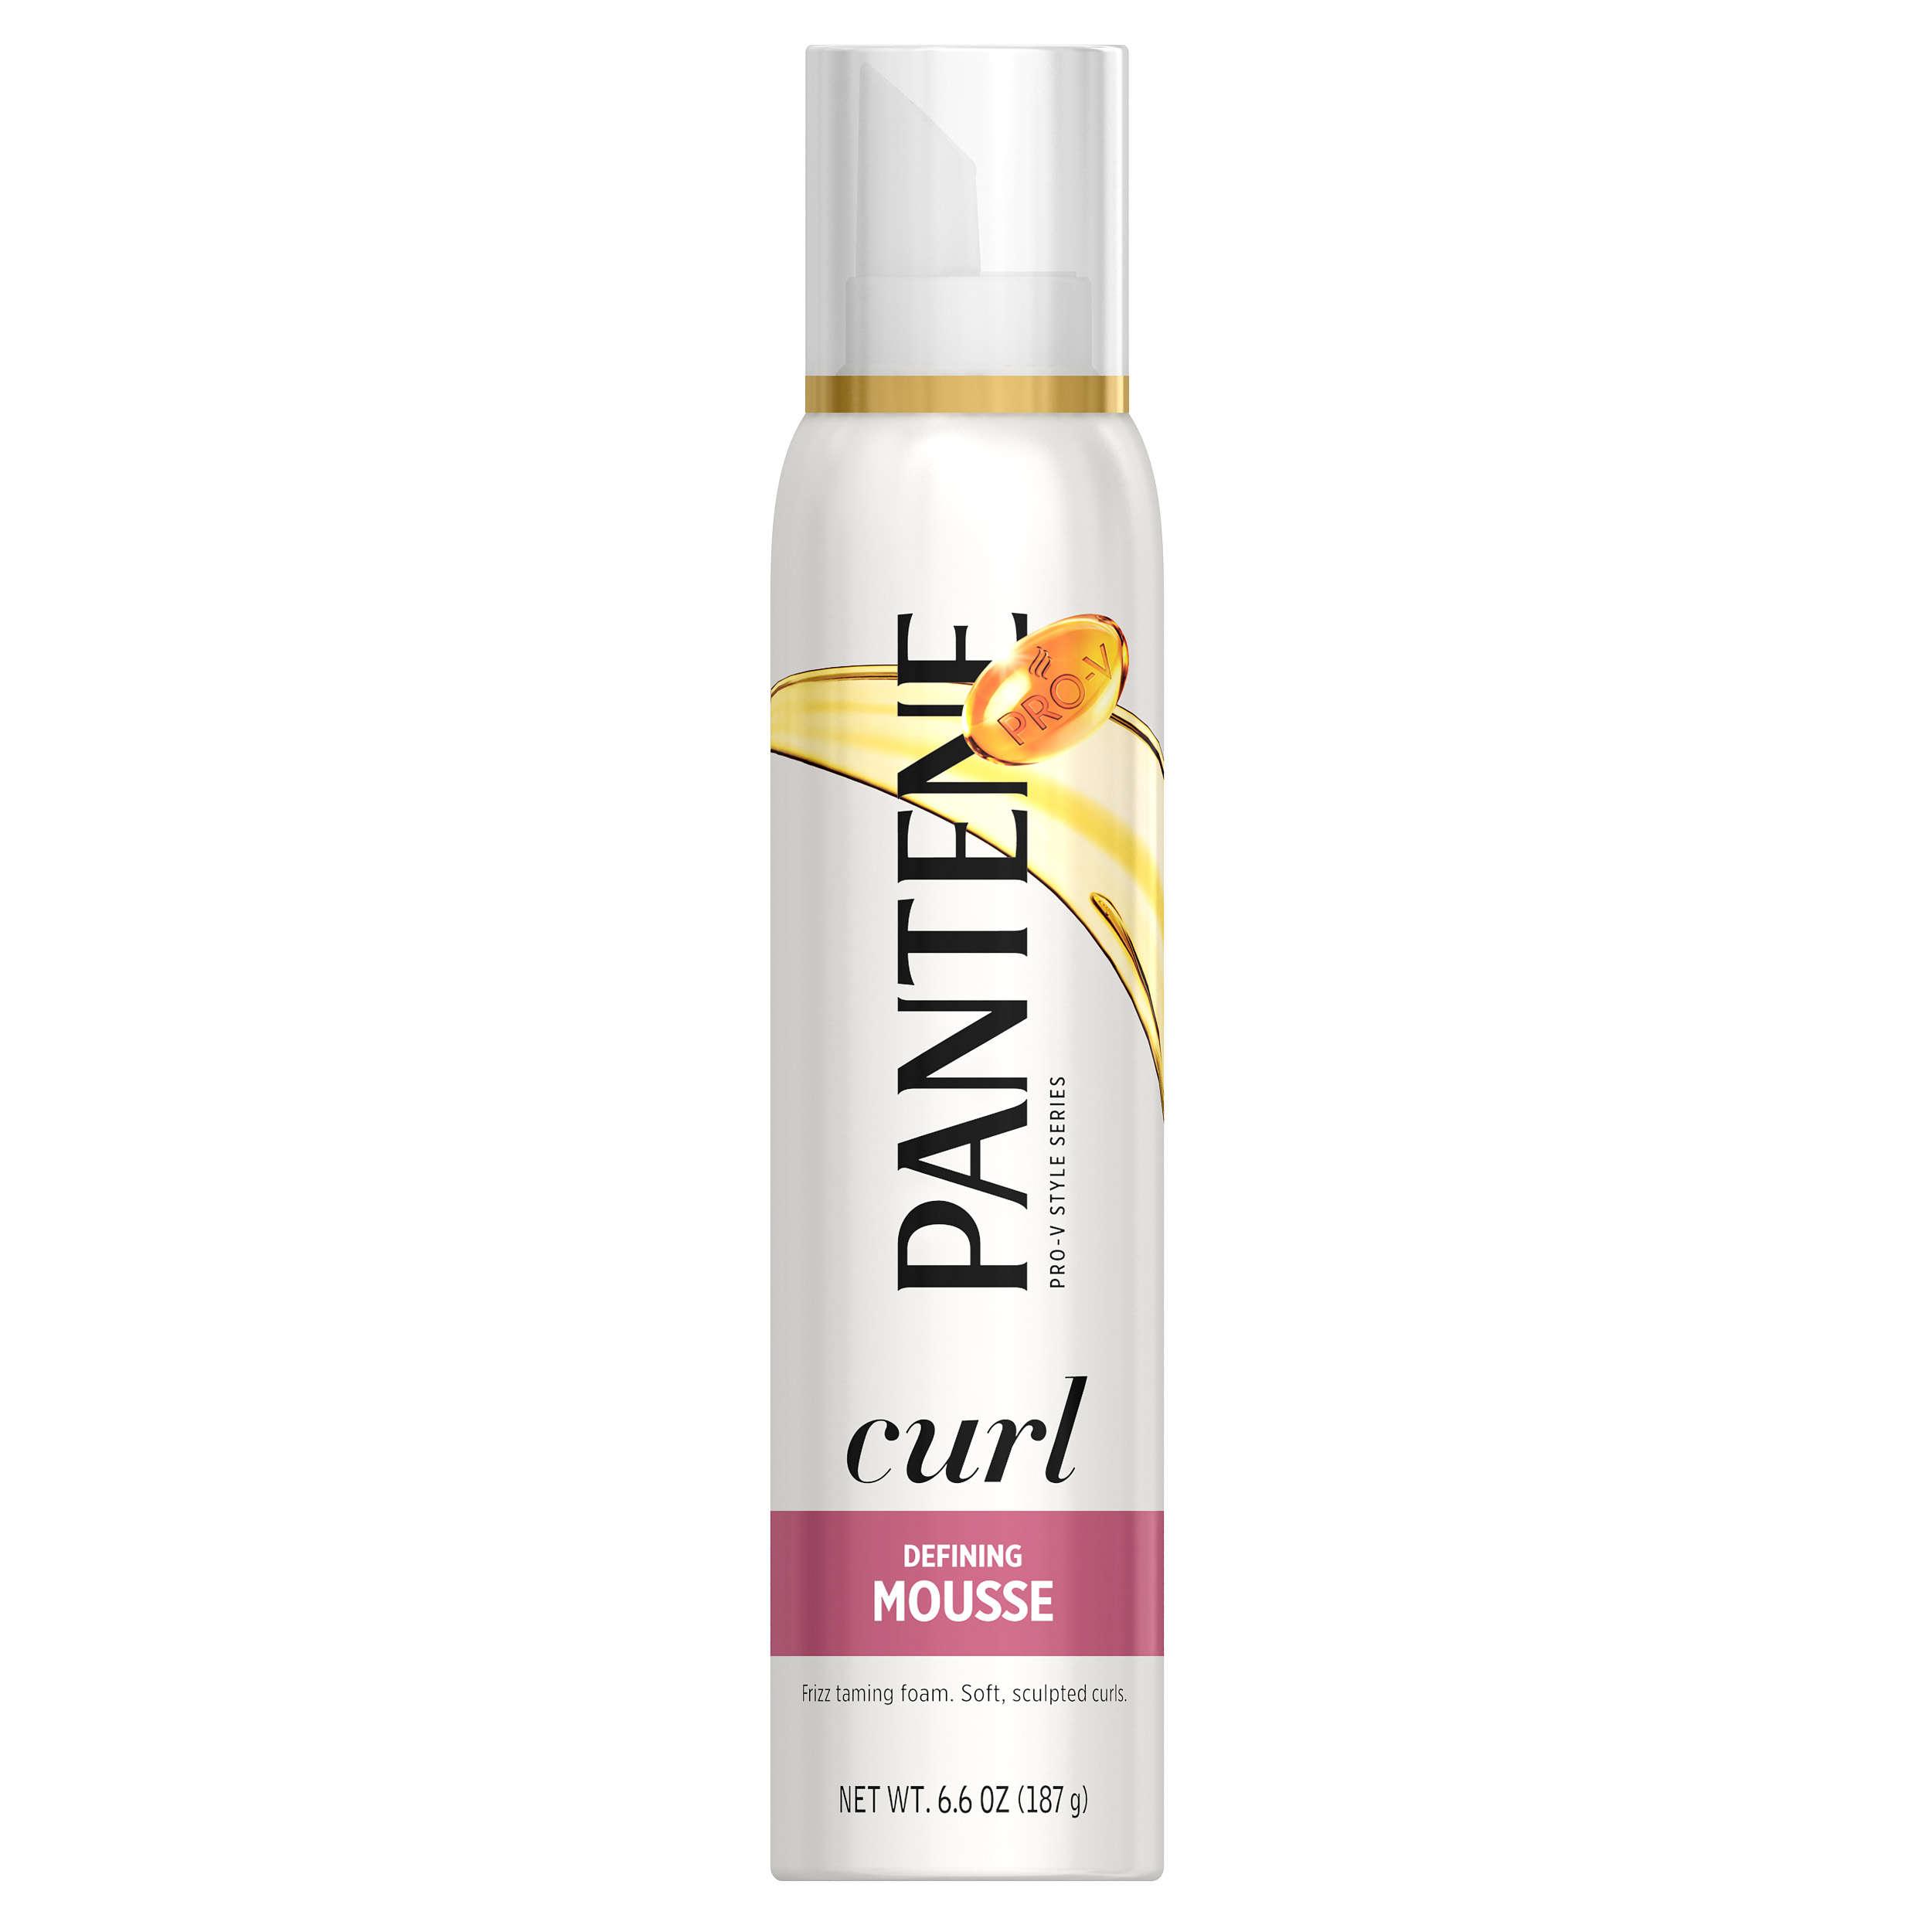 Pantene Pro-V Curl Defining Mousse